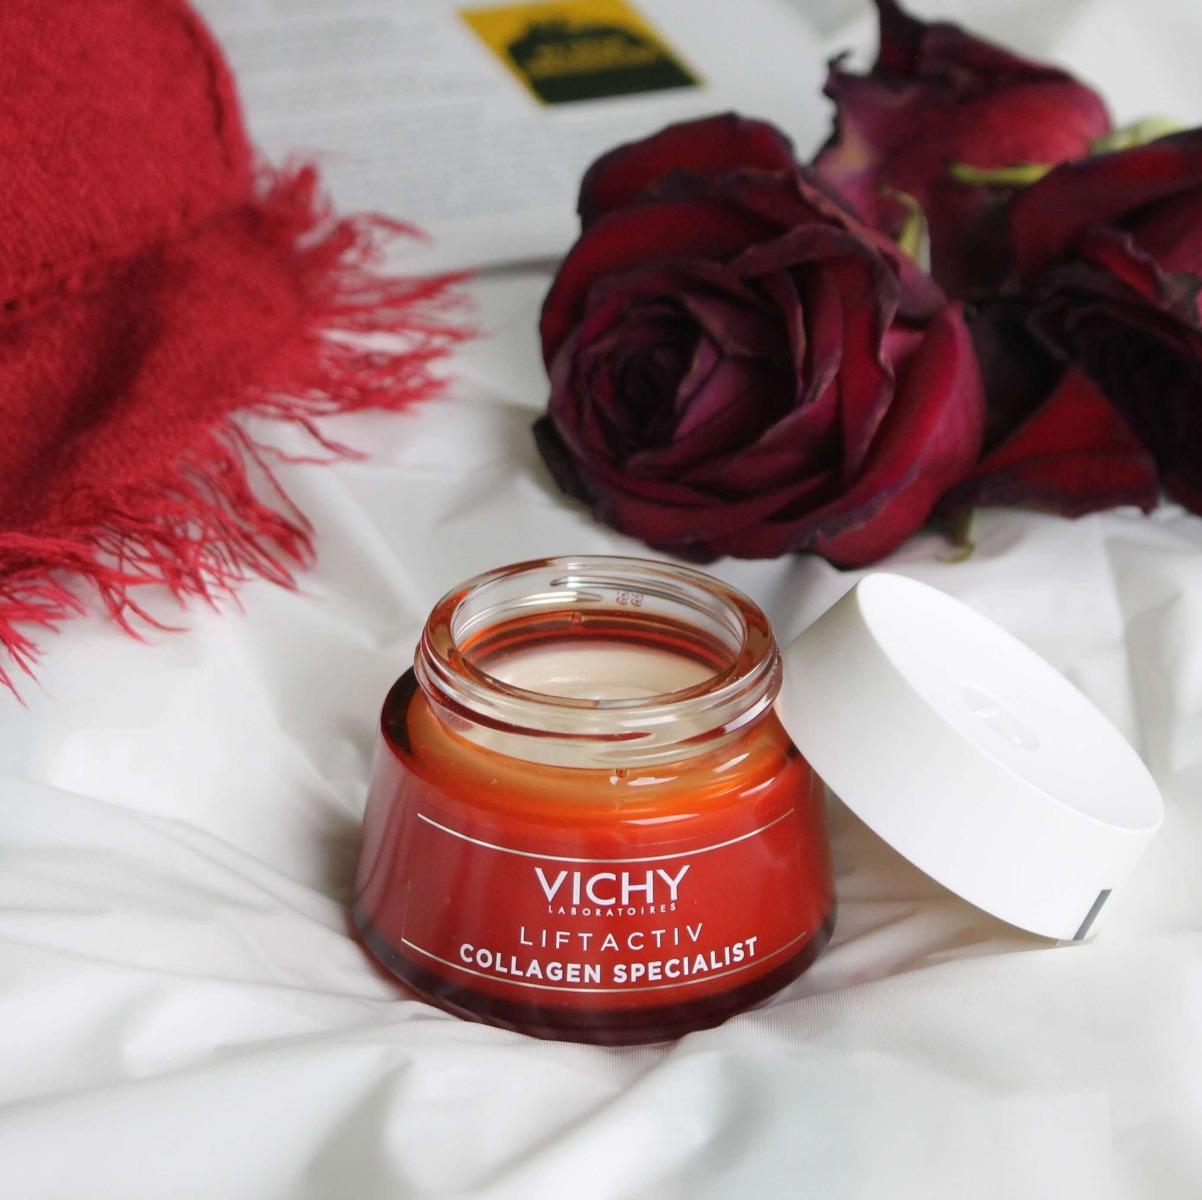 Kem Dưỡng Vichy Ngăn Ngừa Dấu Hiệu Lão Hóa Và Làm Săn Chắc Da Liftactiv Collagen Specialist 50ml